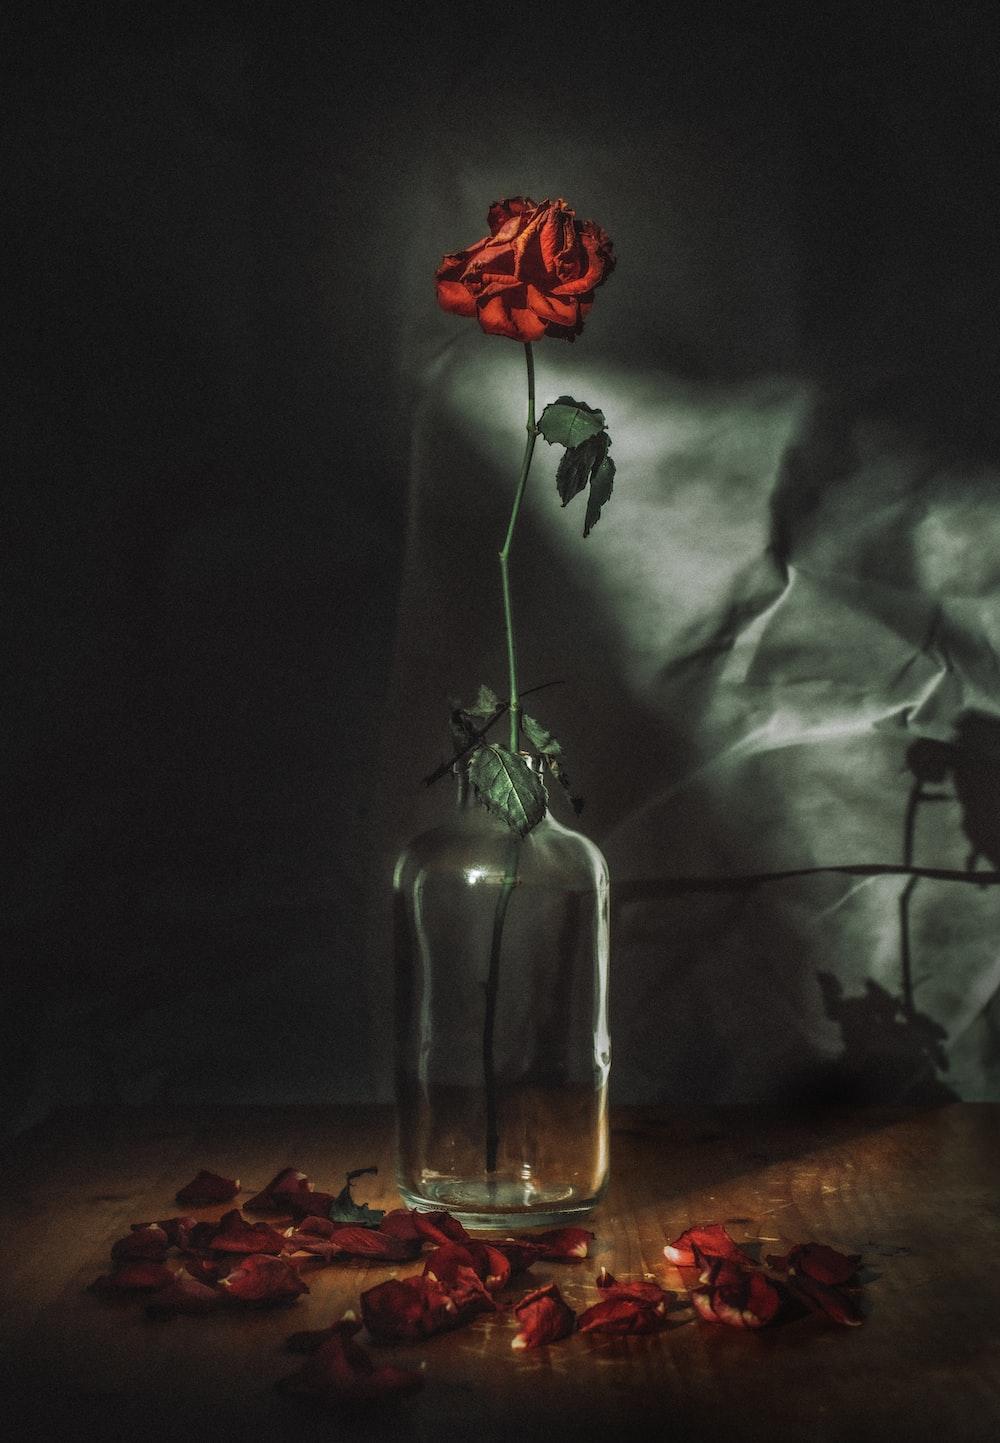 red rose flower in vase